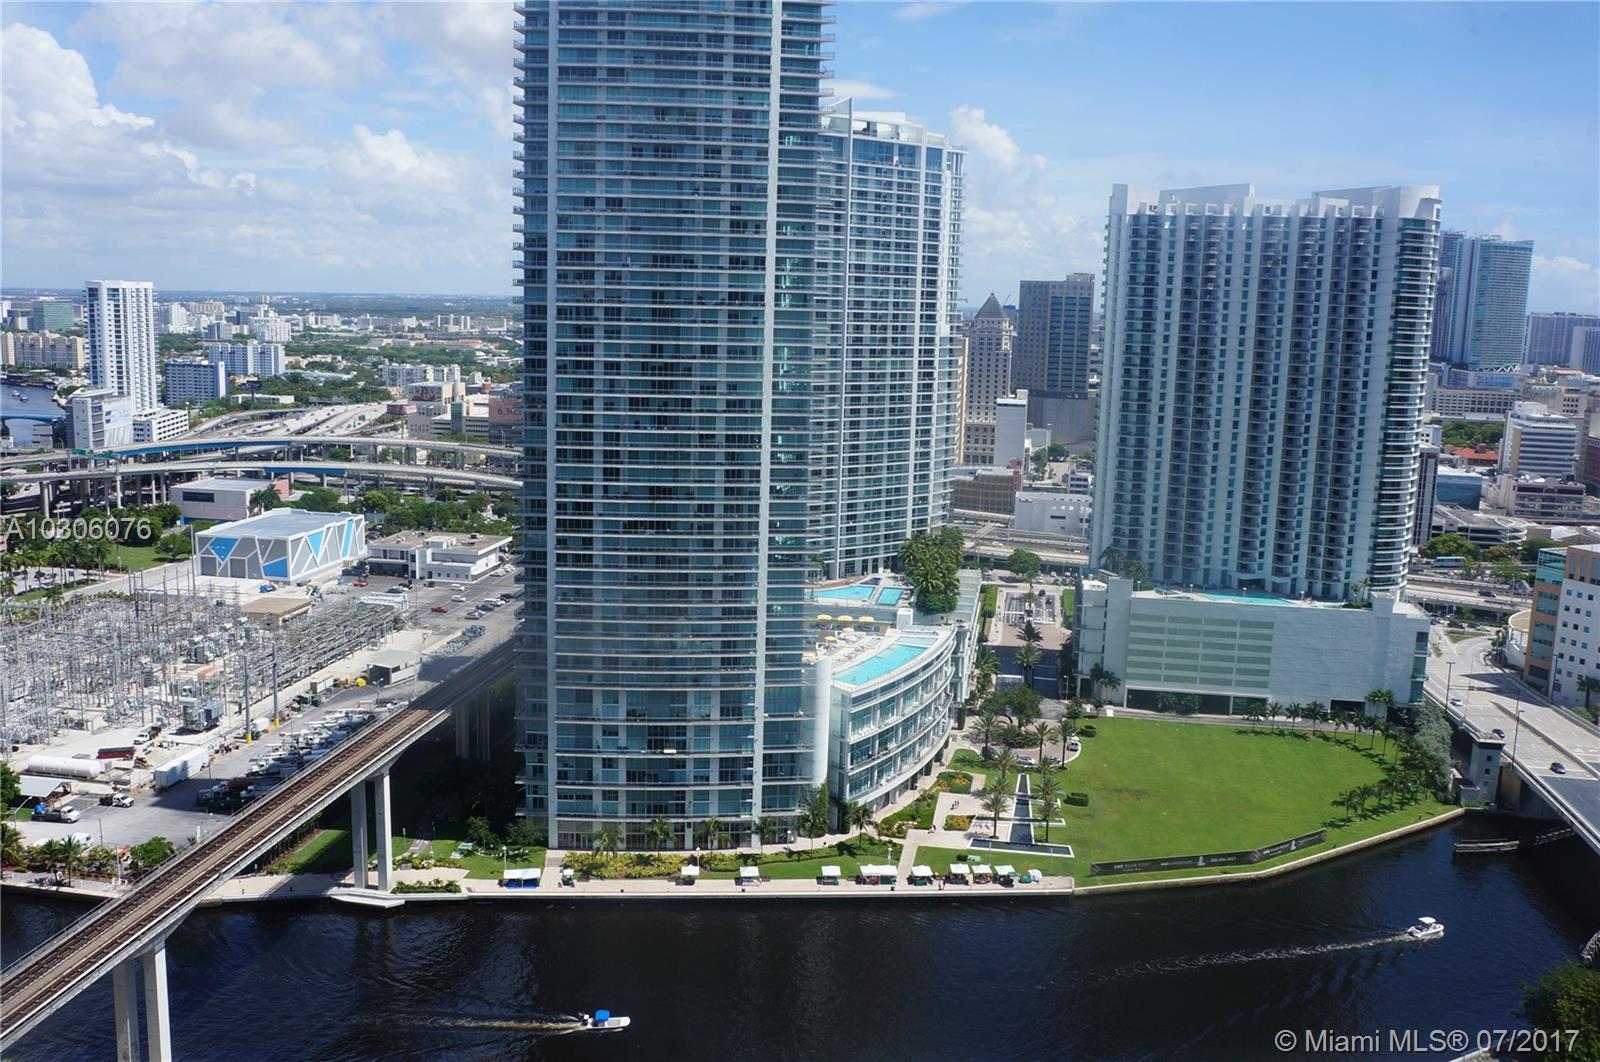 88 SW 7 St, 2711 - Miami, Florida